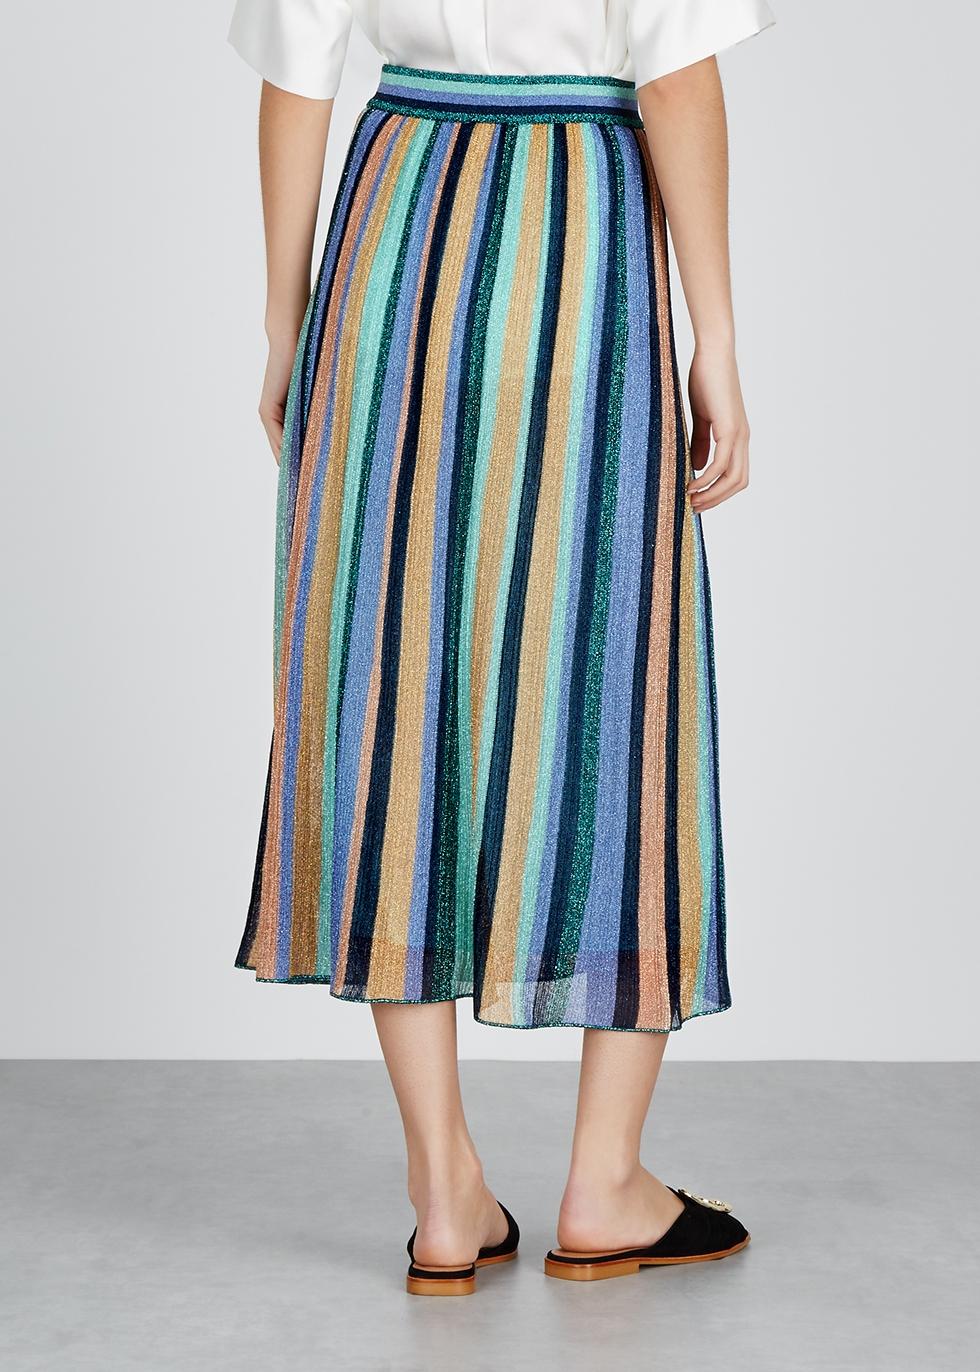 Striped metallic-knit midi skirt - M Missoni